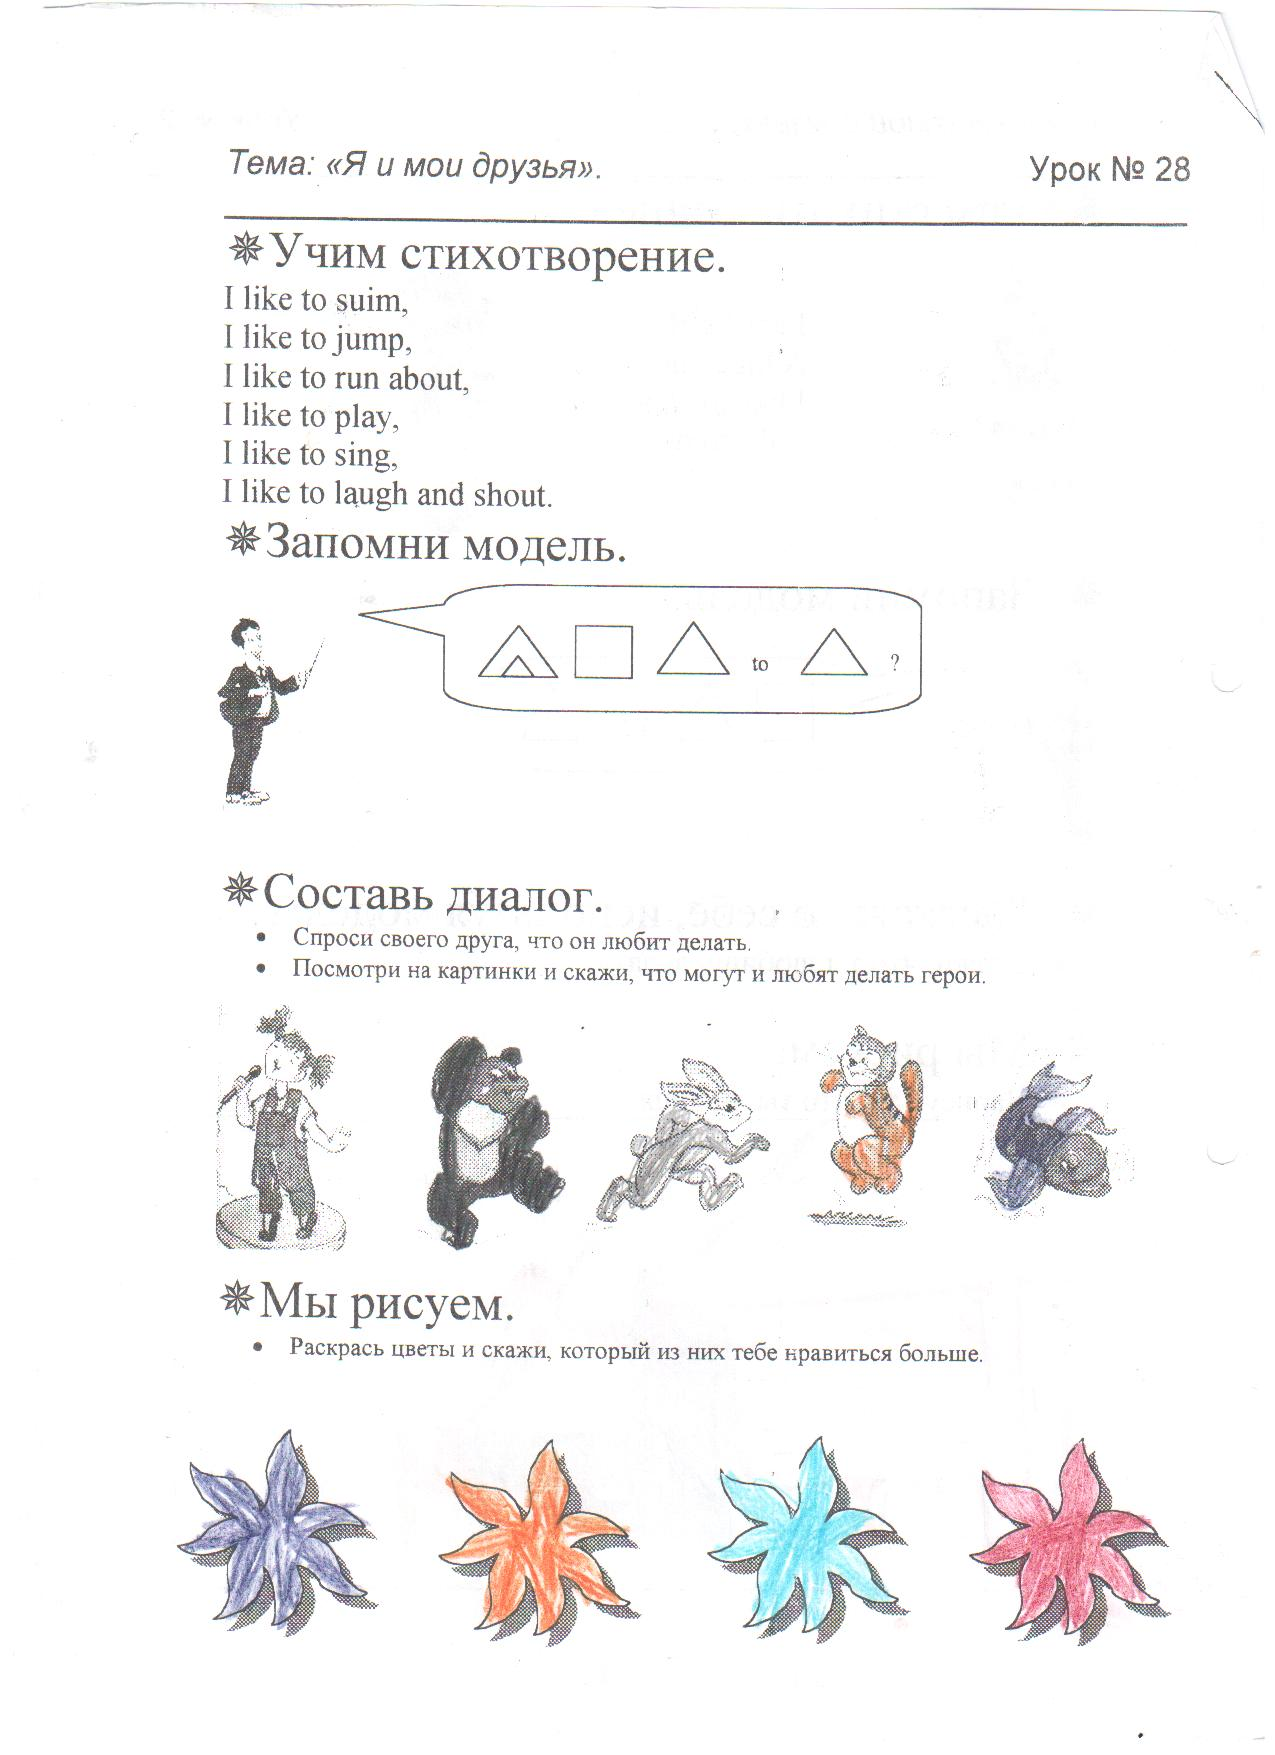 C:\Documents and Settings\Admin\Мои документы\Мои рисунки\Изображение\Изображение 098.jpg